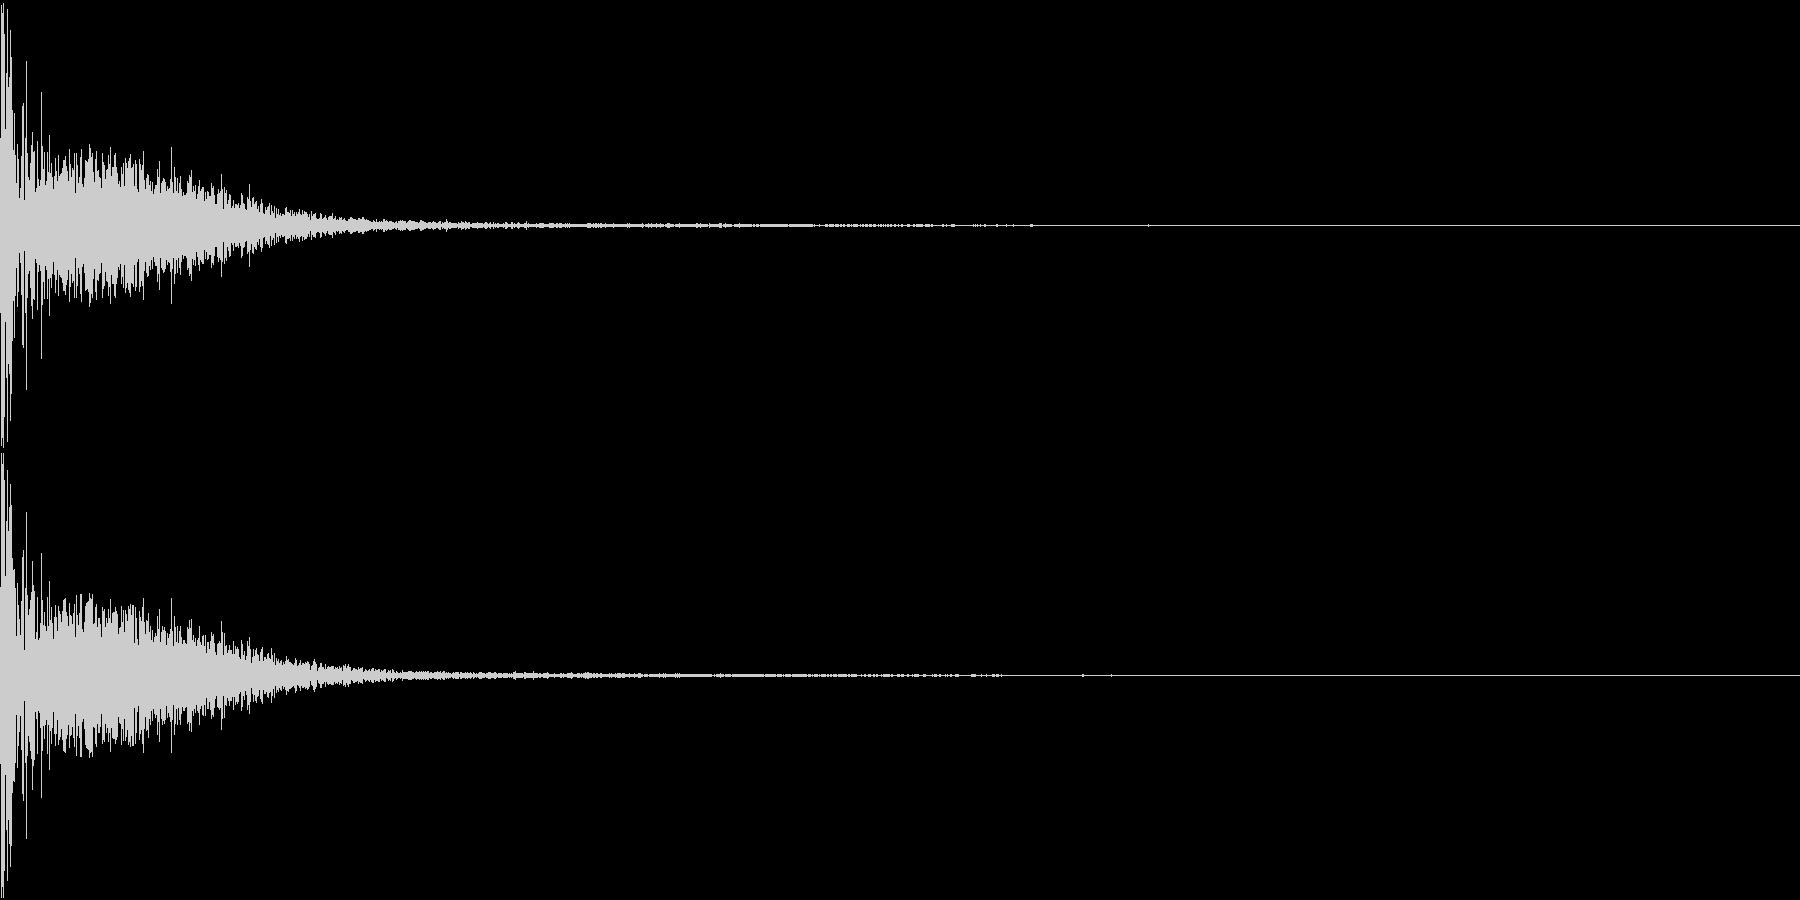 野球 キャッチャーミット 捕球音 室内の未再生の波形